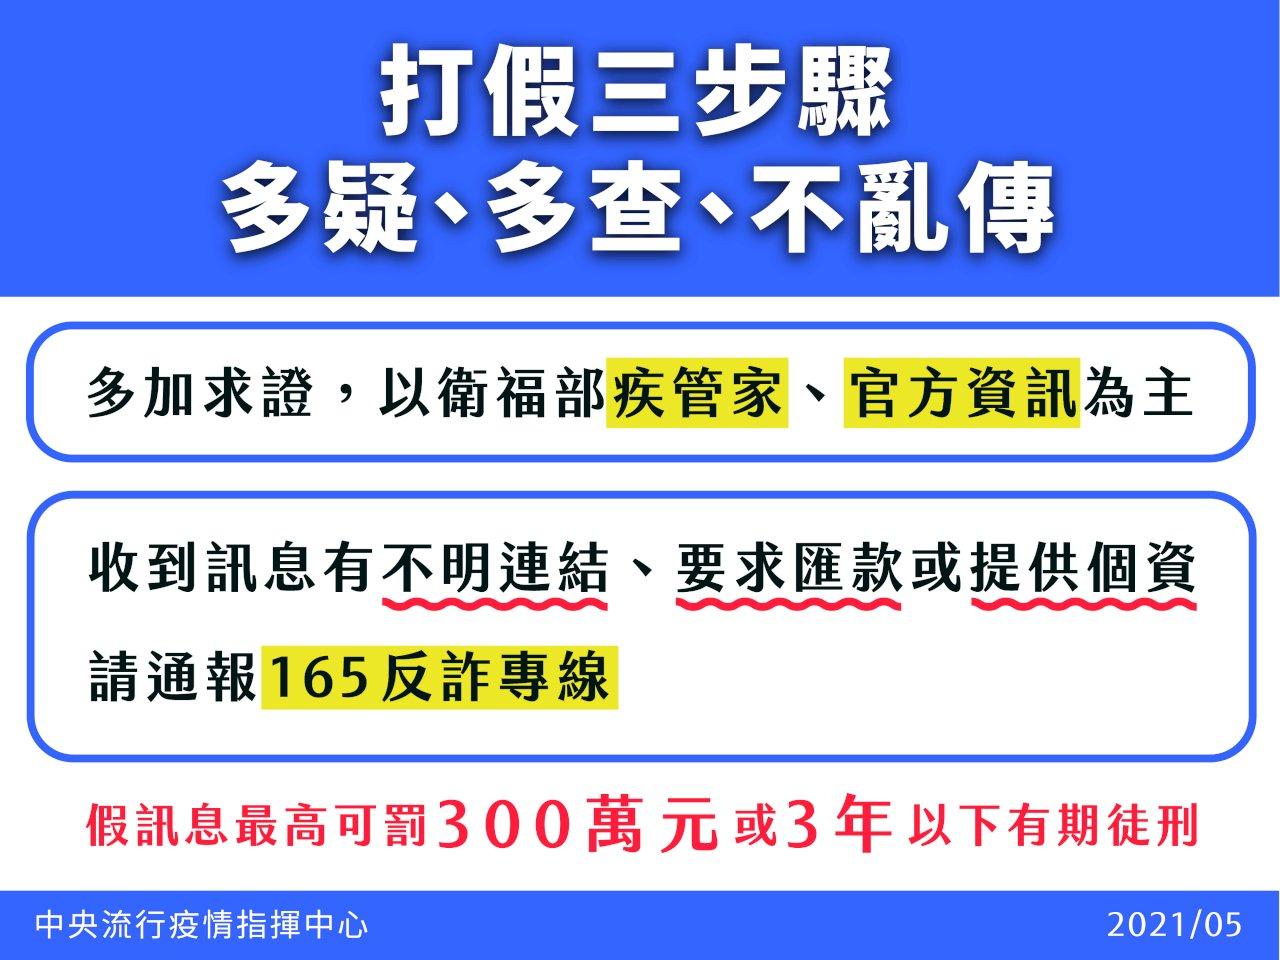 中方釋假訊息出新招 吸收台灣民眾擾防疫